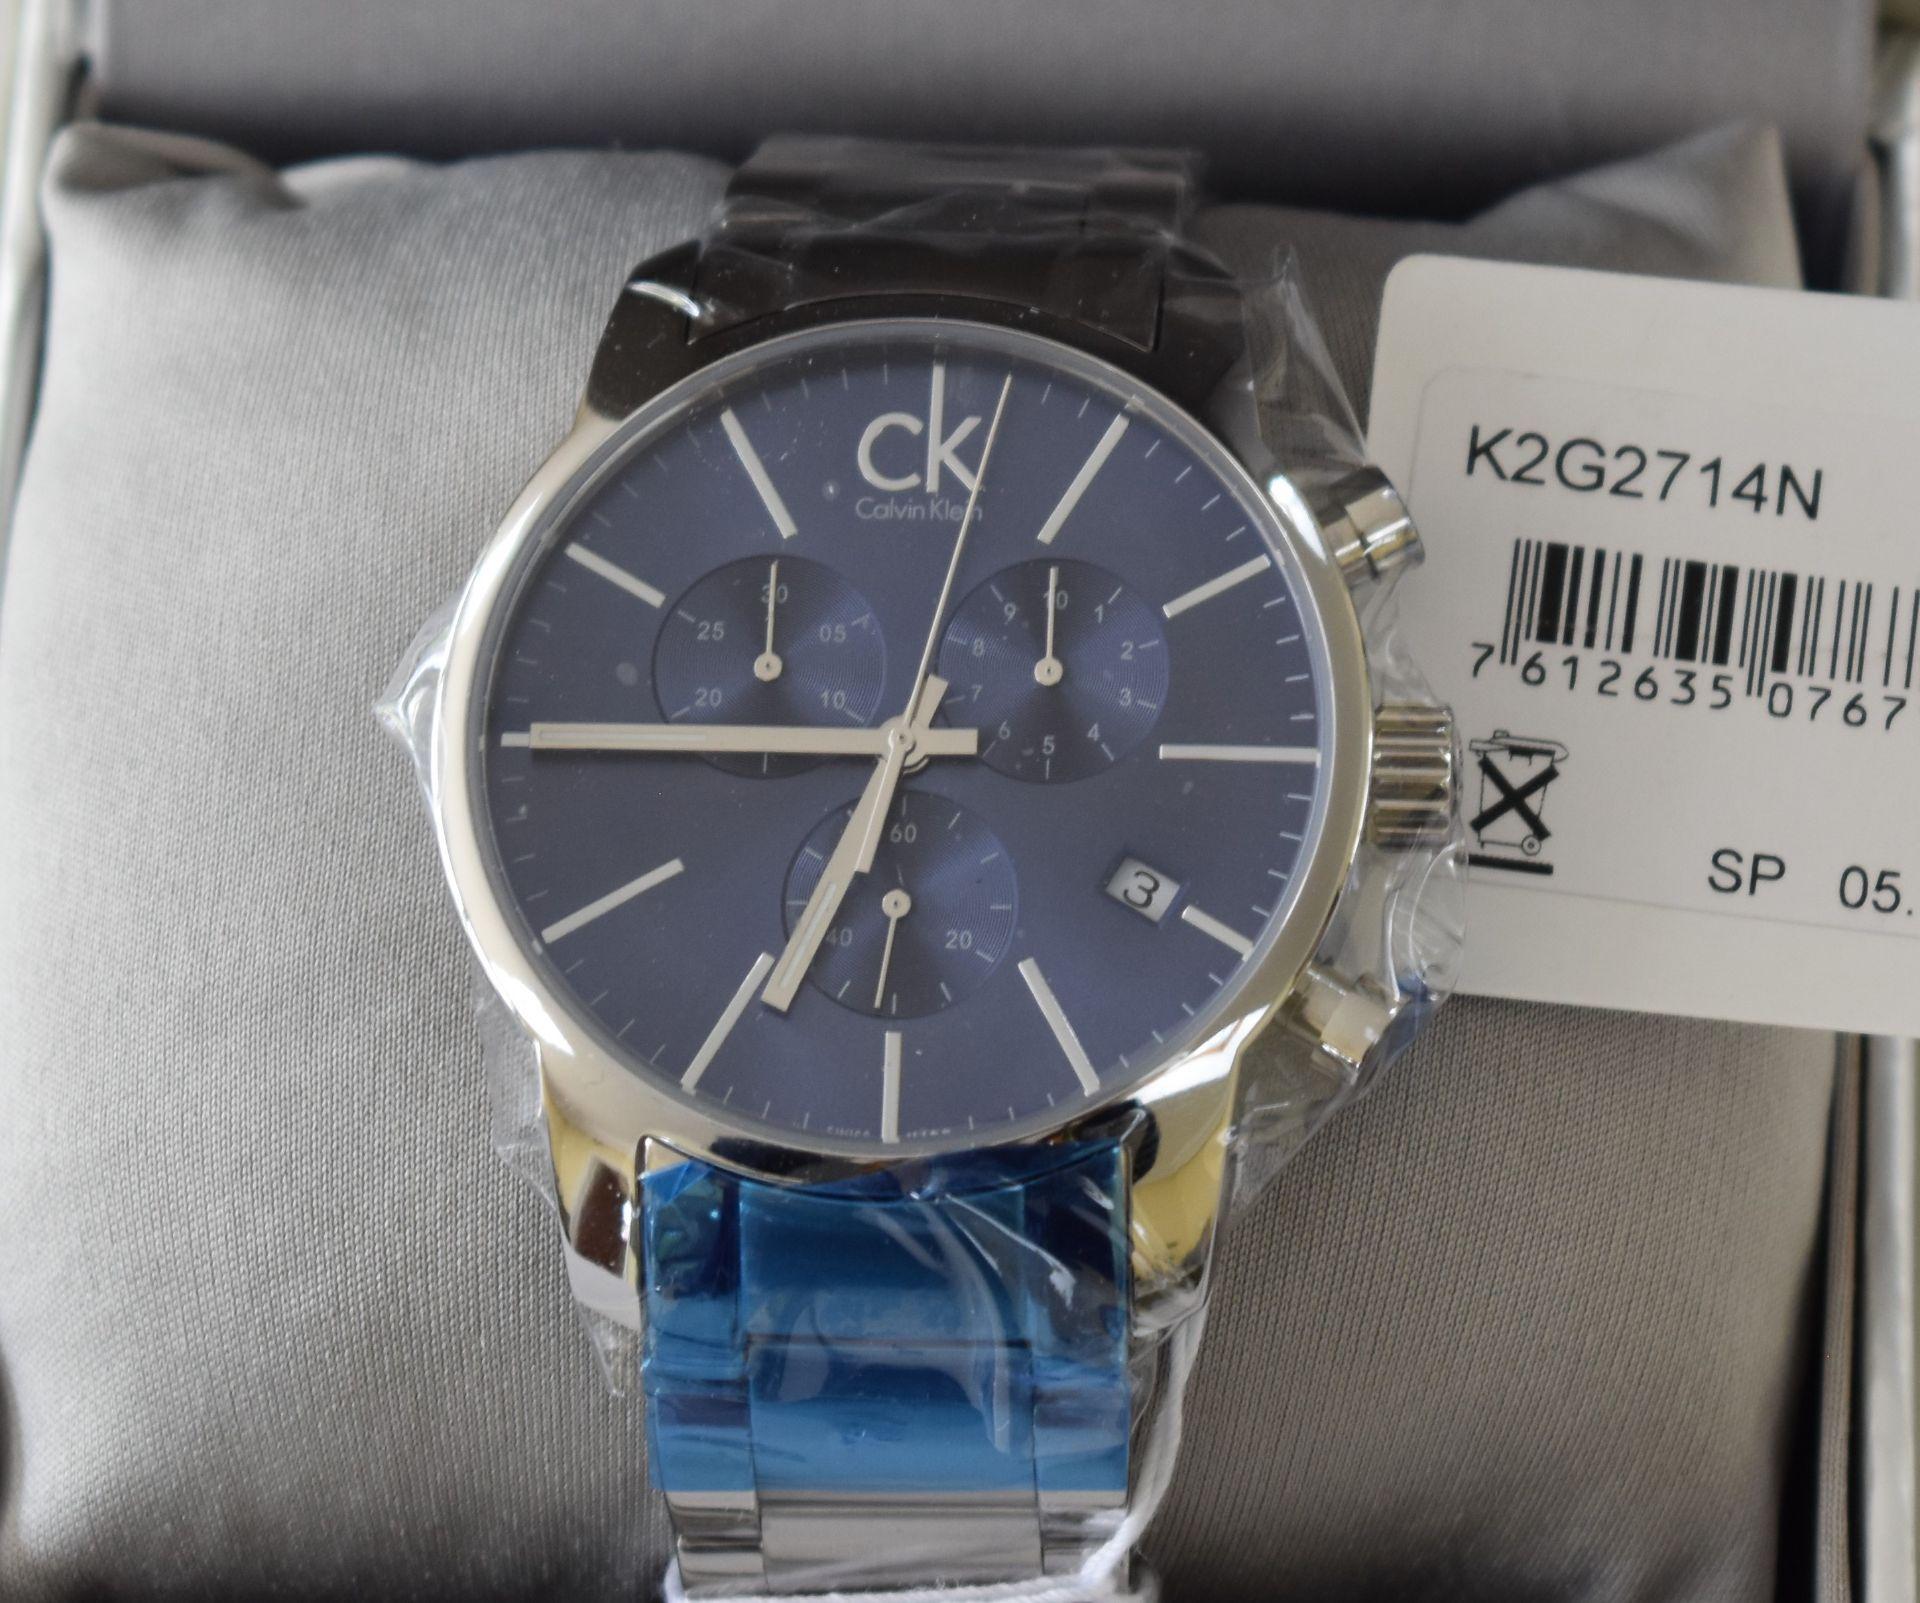 Calvin klein K2G2714N Men's Watch